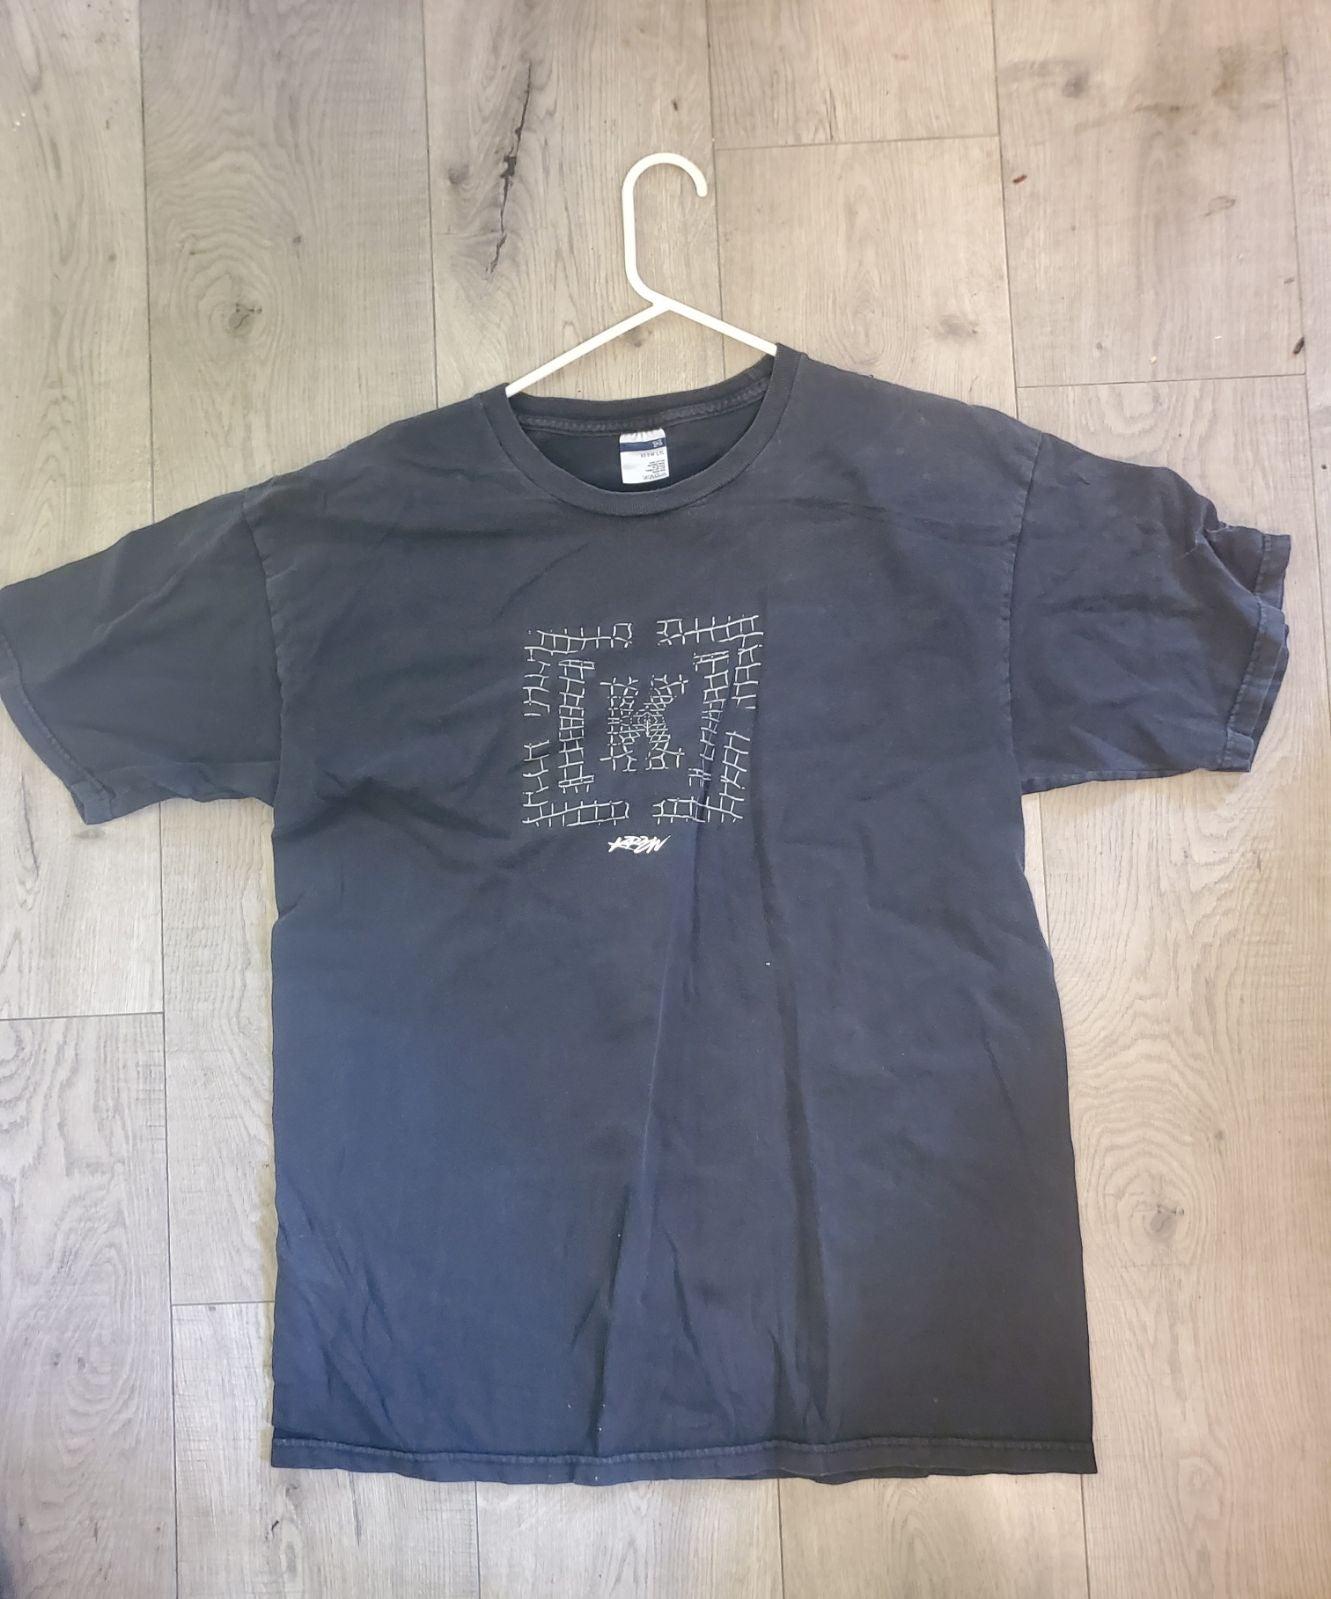 Krew [K] Blue Tshirt Size Large